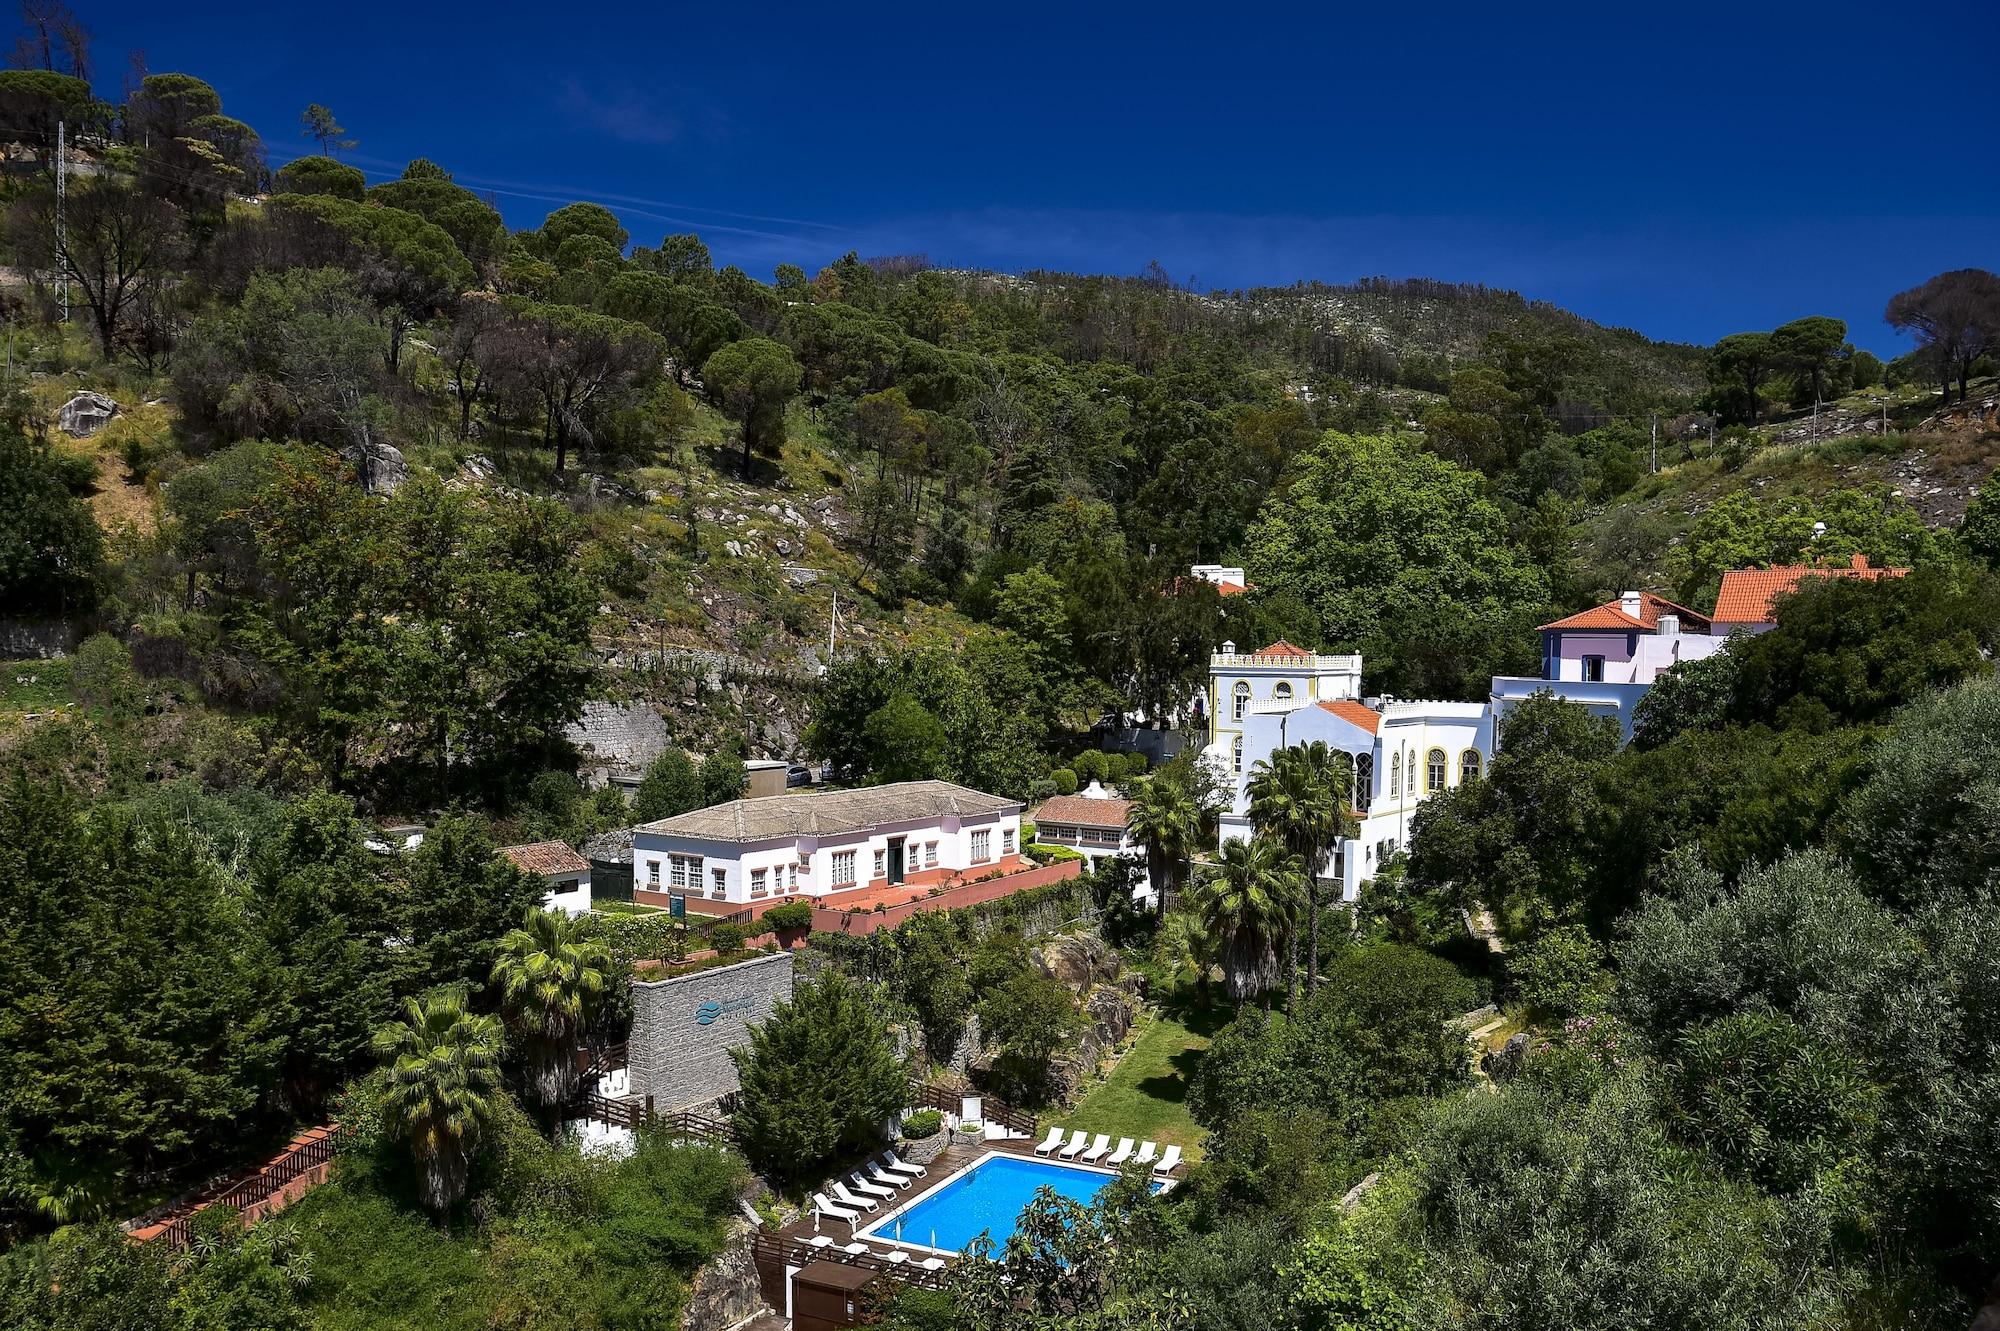 Villa Termal Monchique - Hotel Central, Monchique